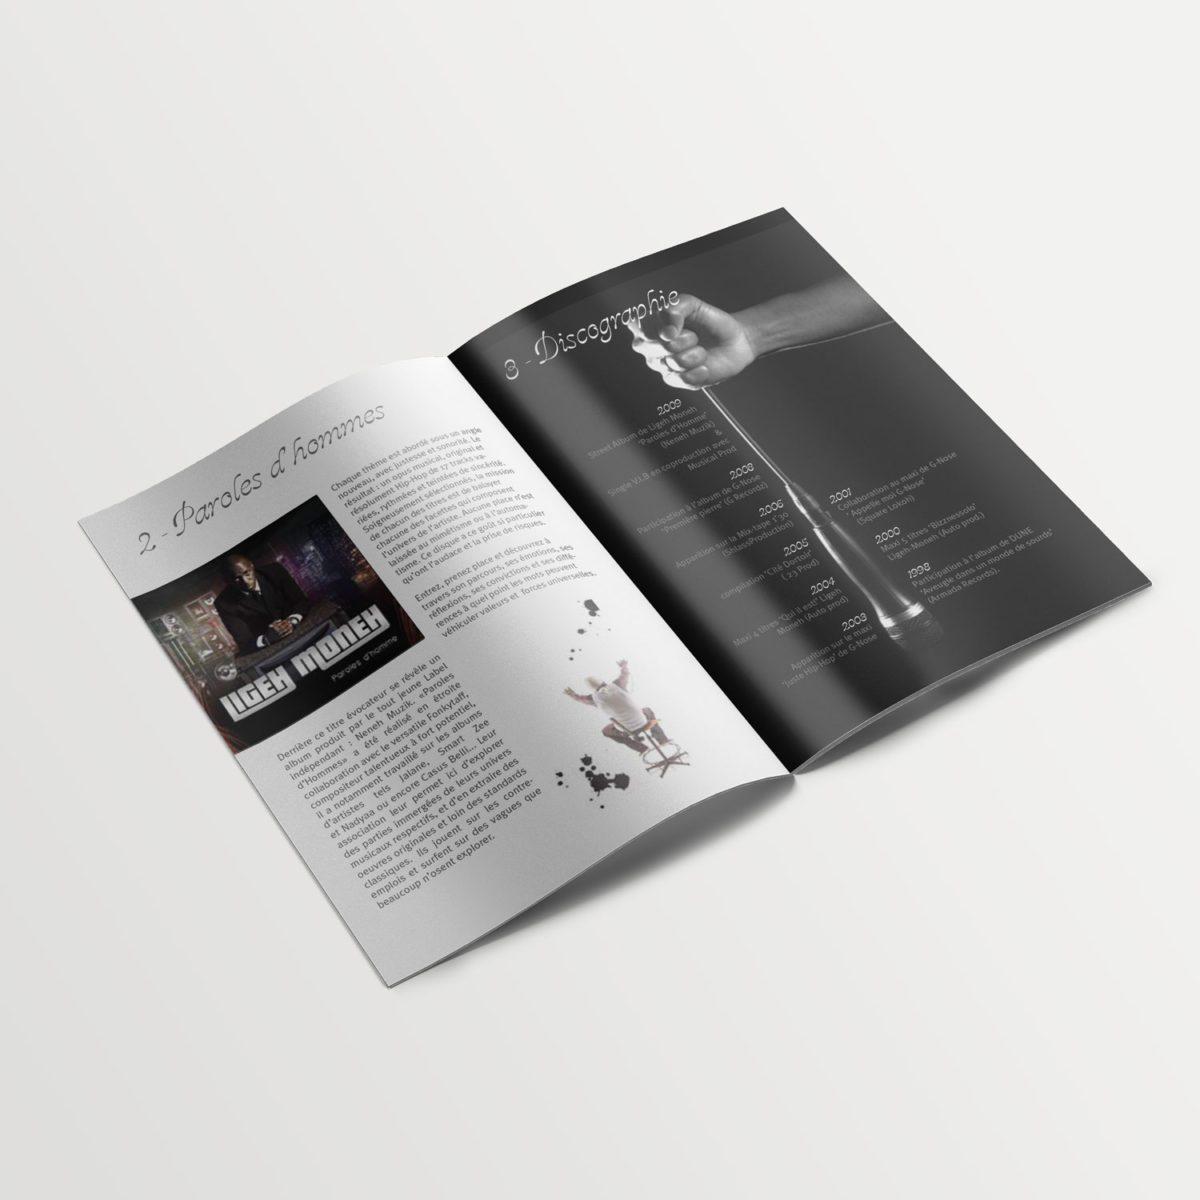 Creation De Dossier De Presse D Artiste Hip Hop Parisien